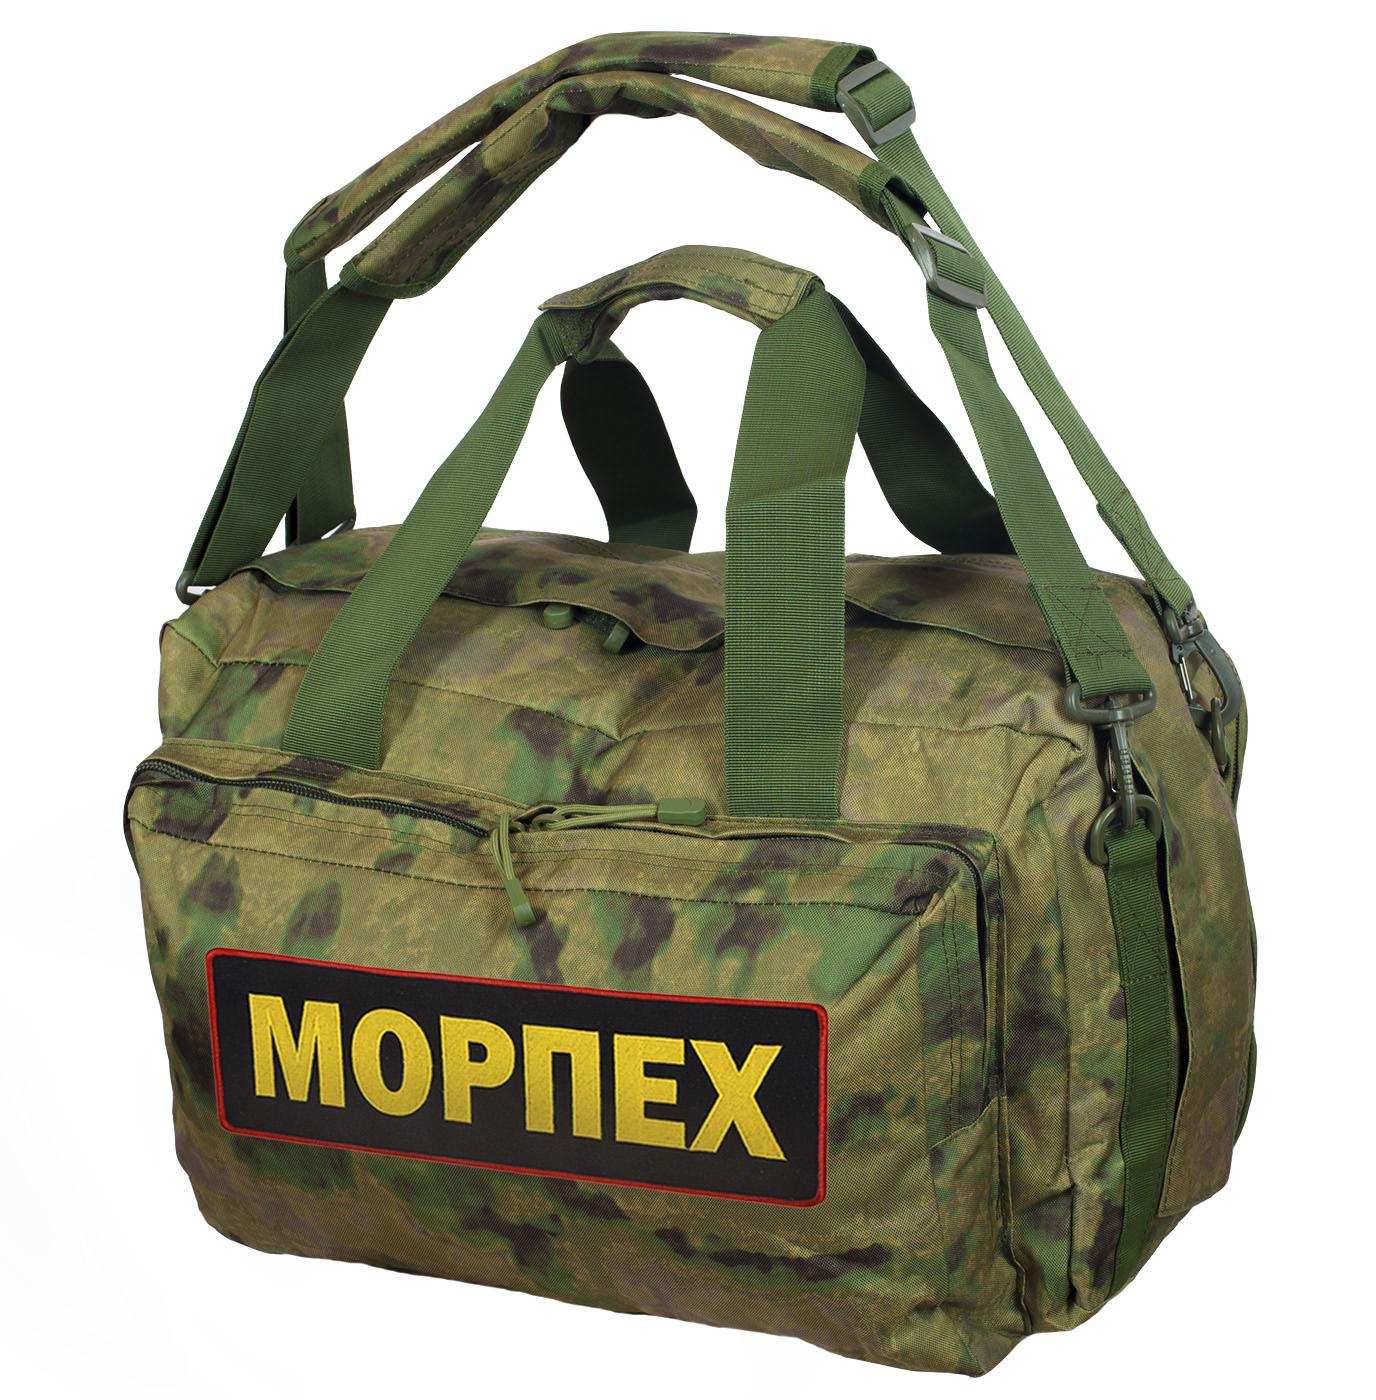 Снаряжение морпехов – недорогие сумки и рюкзаки